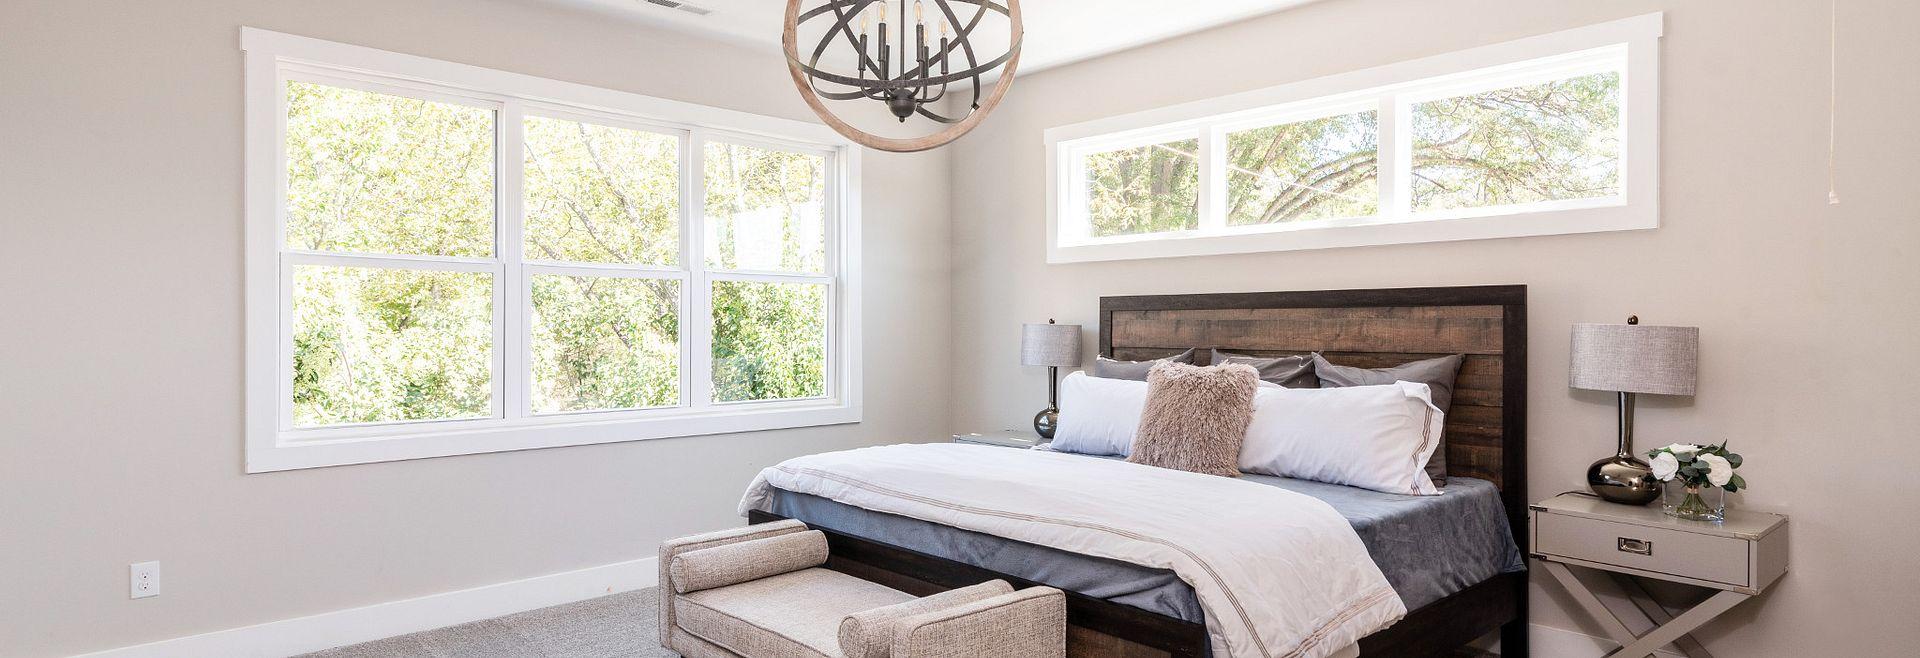 TOW 10 Bedroom